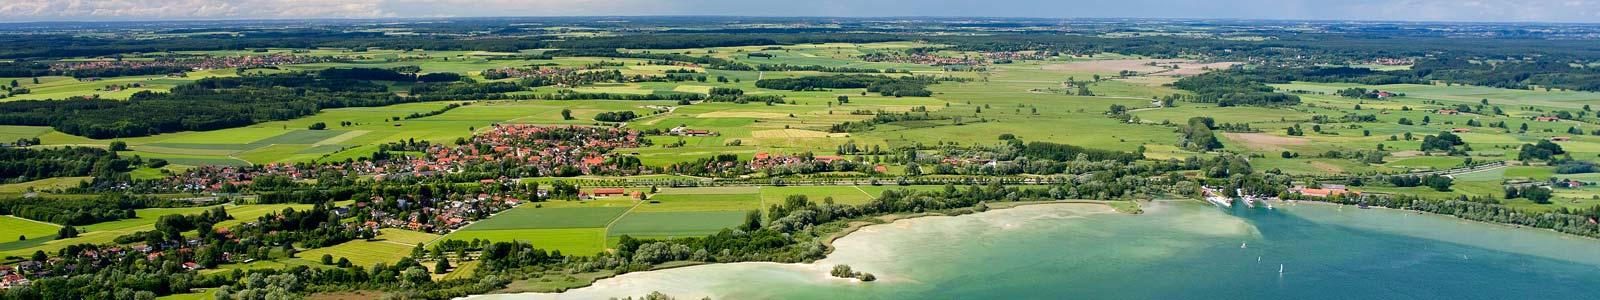 Luftbild Ammersee Nordufer mit Eching